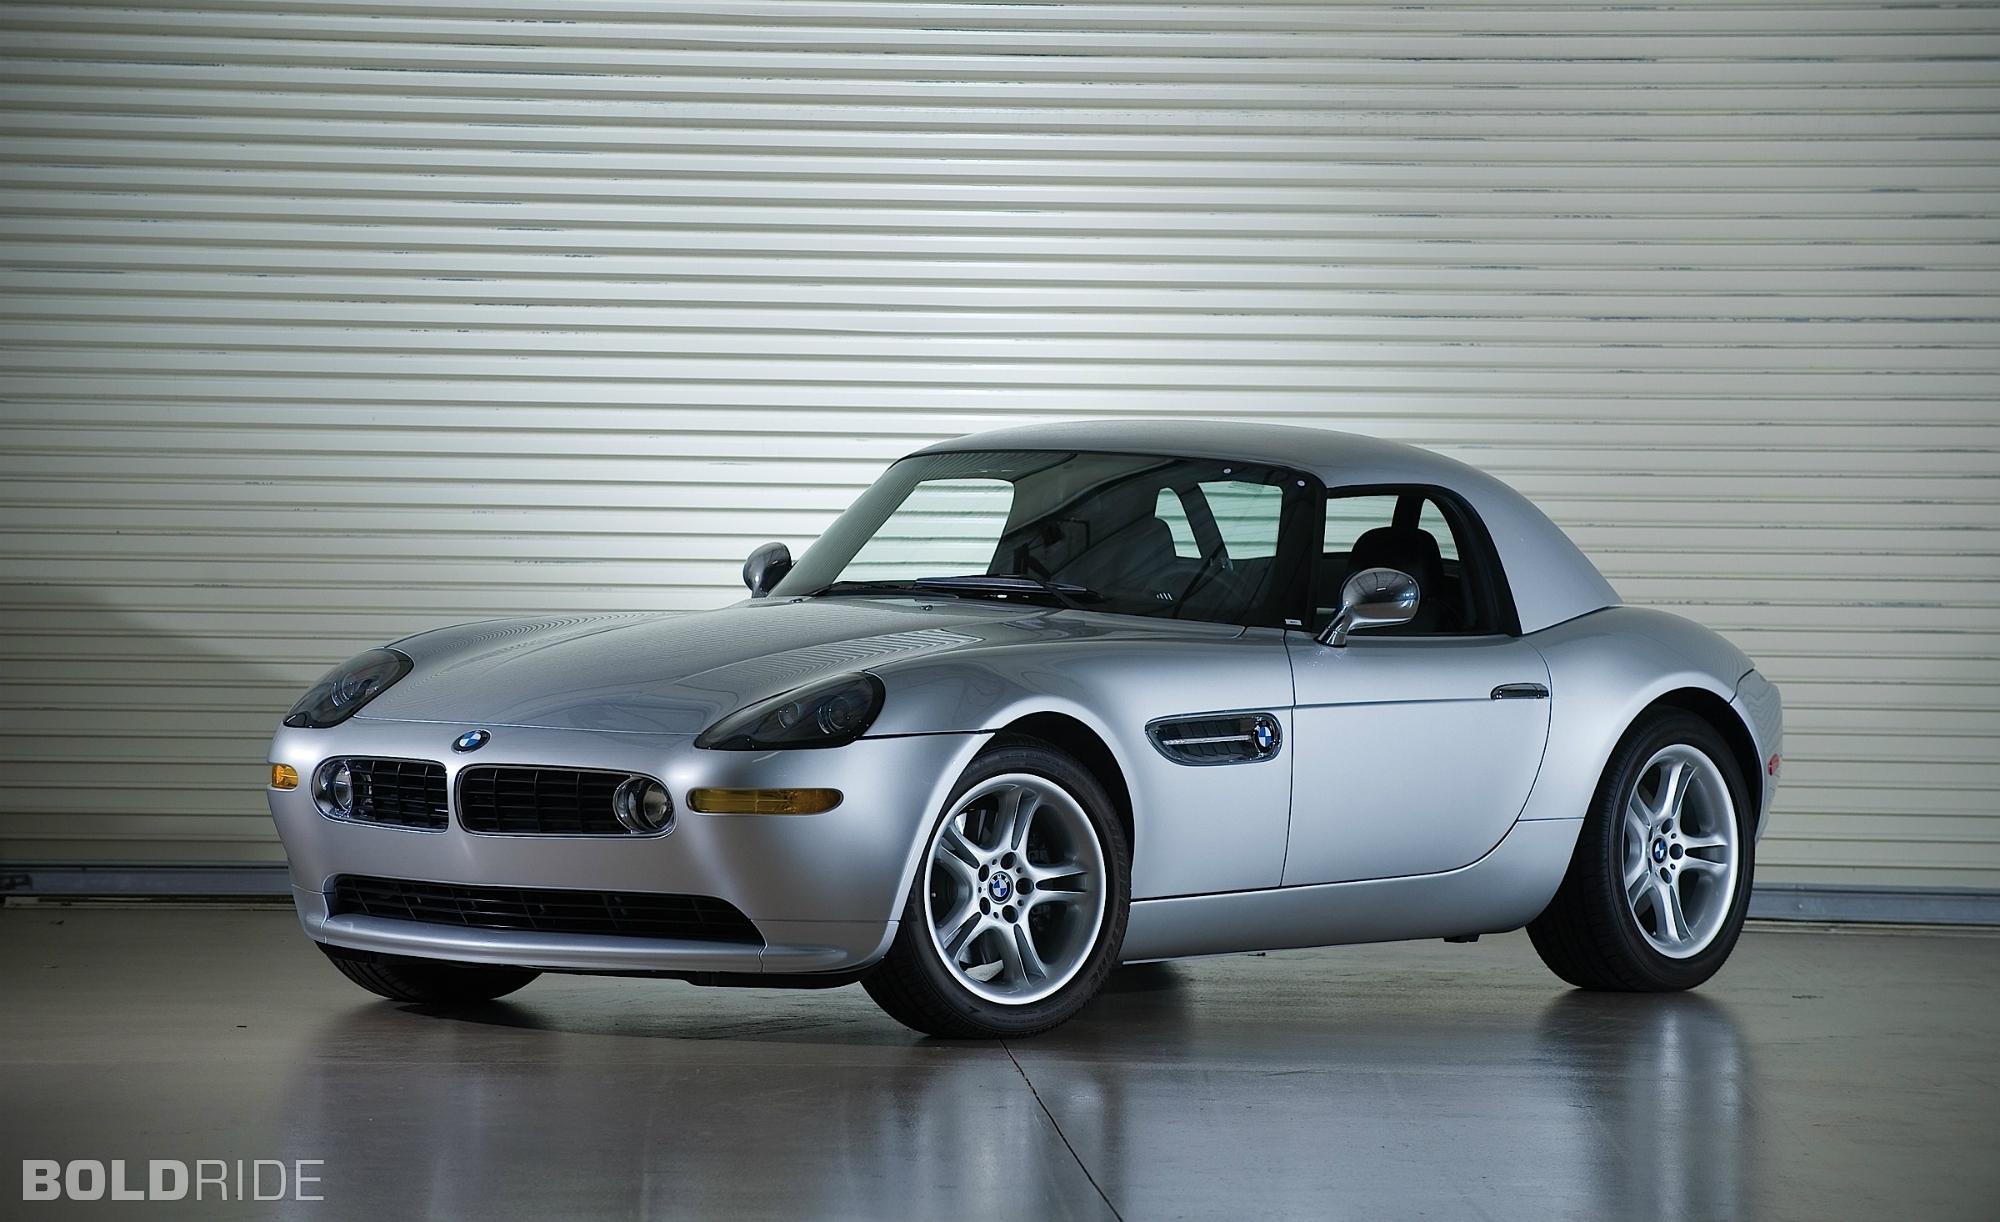 2002 BMW Z8 - Image #7